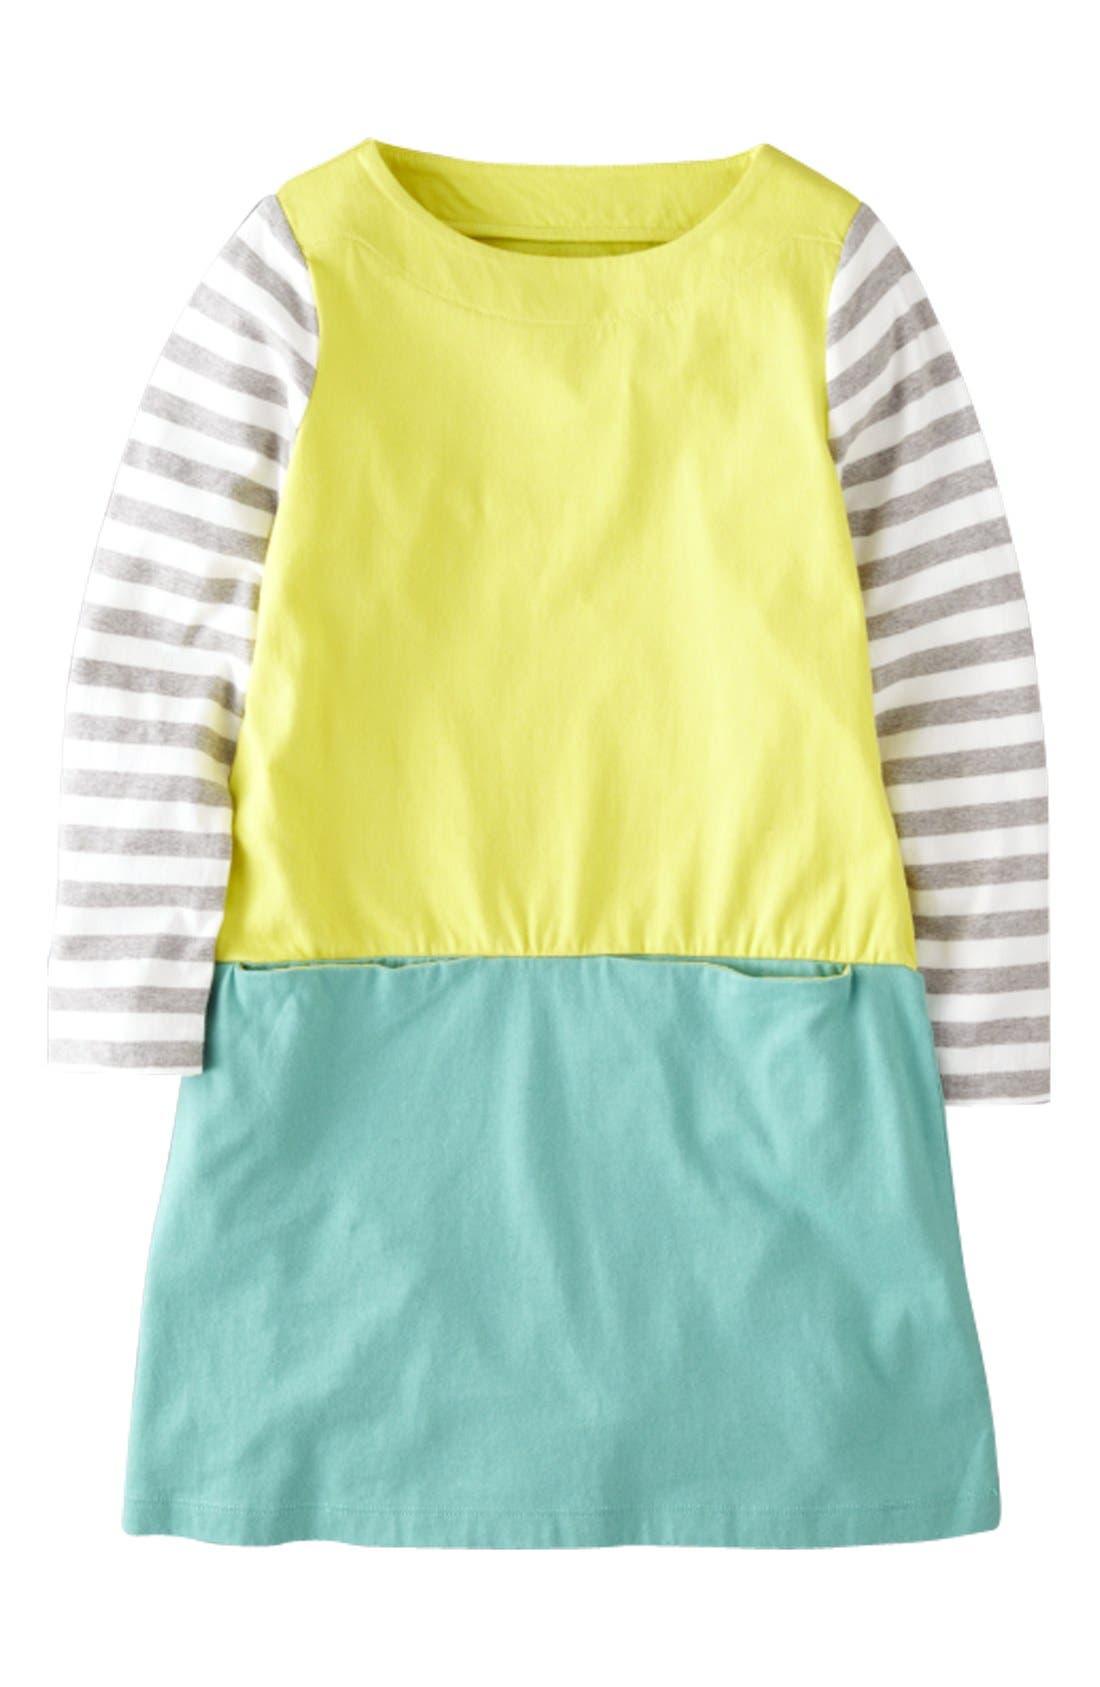 Alternate Image 1 Selected - Mini Boden 'Hotchpotch' Jersey Dress (Little Girls & Big Girls)